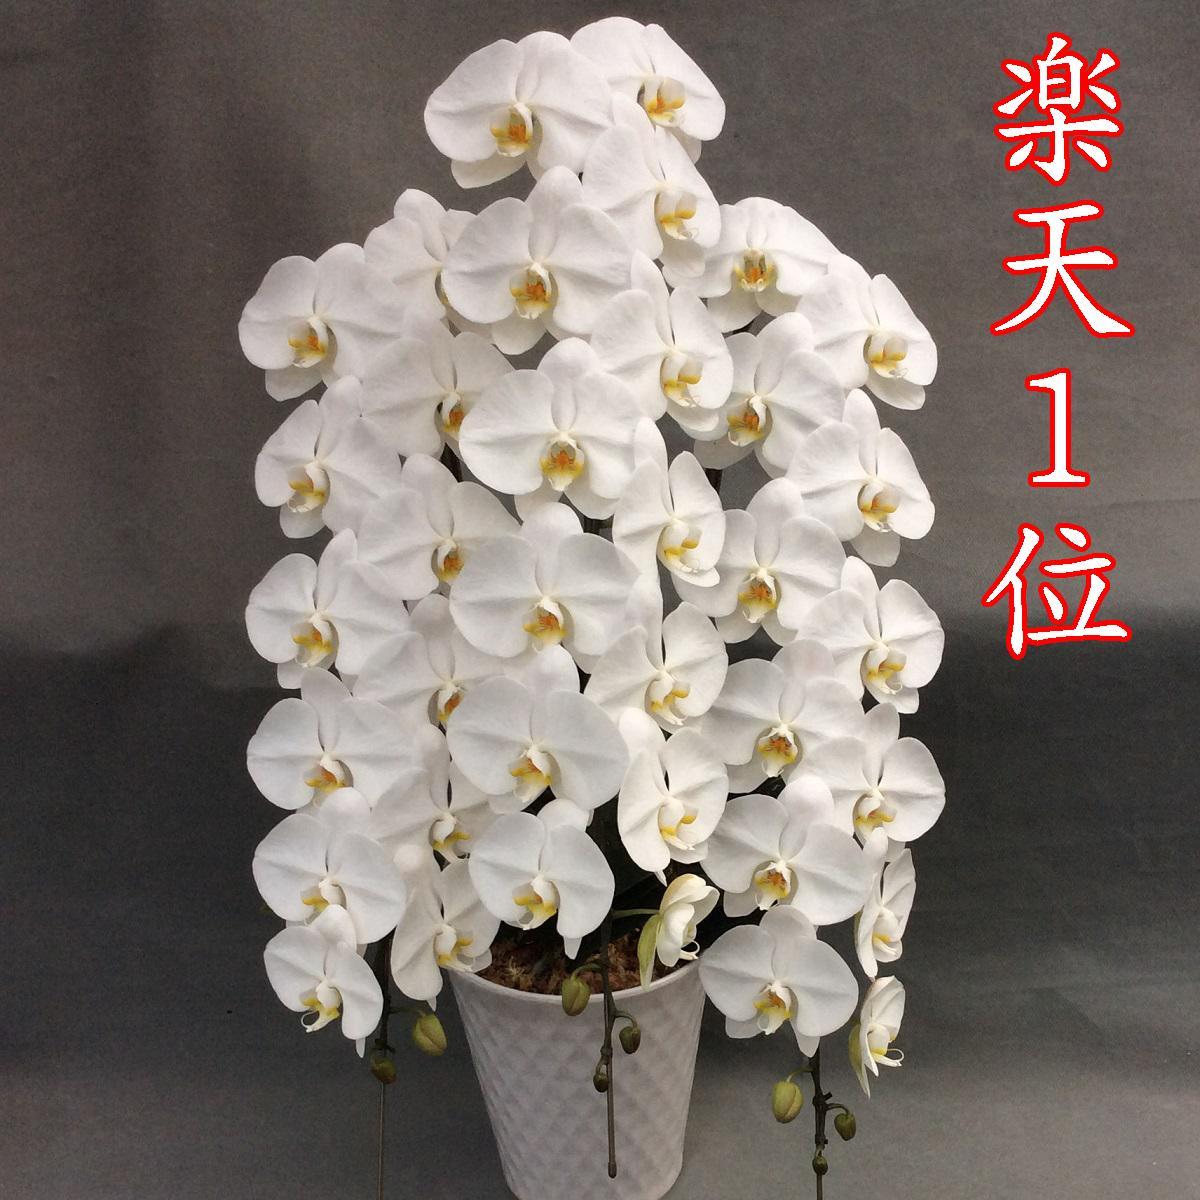 胡蝶蘭 3本立ち 白 大輪45輪(蕾込み)以上【送料無料 税込みで24800円!!】【1位獲得】 花  お供え お祝い コチョウラン こちょうらん